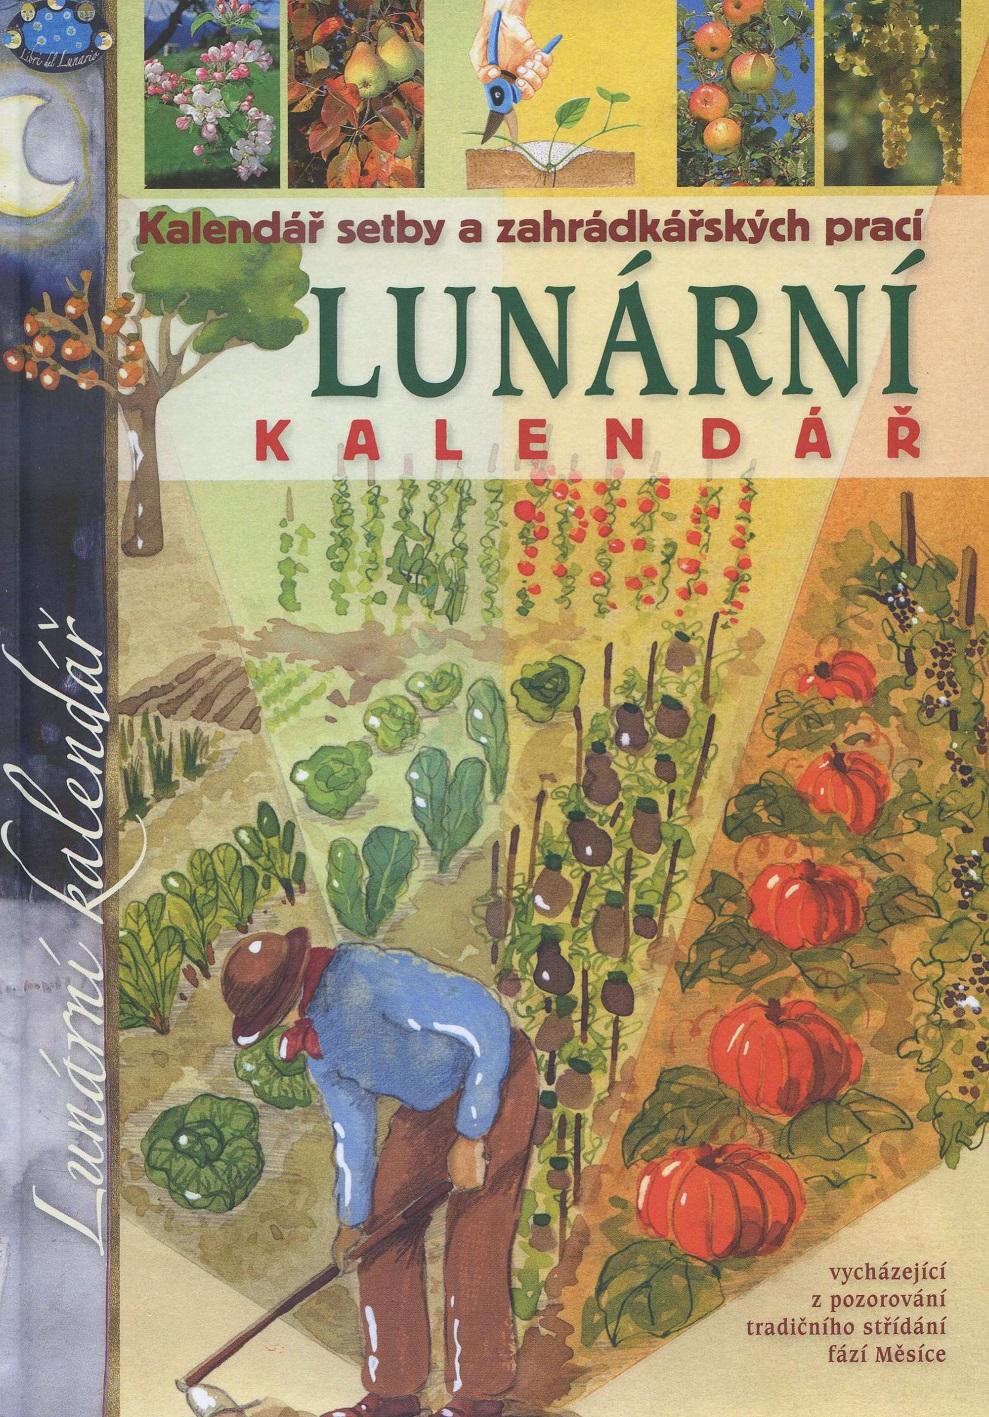 Lunární kalendář - Kalendář setby a zahrádkářských prací